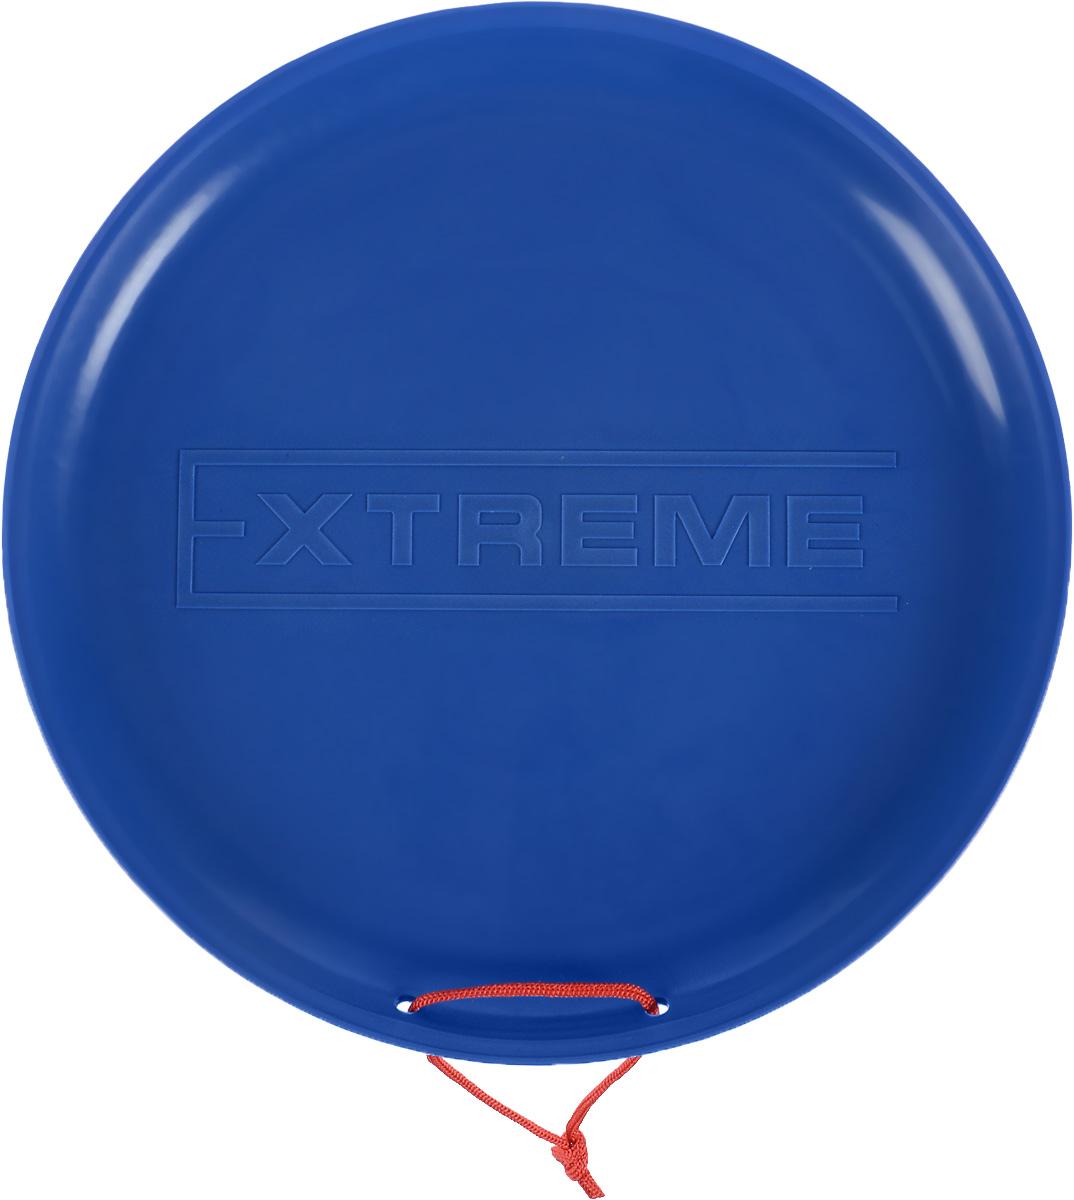 Санки-ледянки Престиж Экстрим, цвет: синий, диаметр 40 смХот ШейперсЛюбимая детская зимняя забава - это катание с горки. Яркие санки-ледянки Престиж Экстрим станут незаменимым атрибутом этой веселой детской игры. Санки-ледянки - это специальная пластиковая тарелка, облегчающая скольжение и увеличивающая скорость движения по горке. Ледянка выполнена из прочного гибкого пластика и снабжена текстильной ручкой для транспортировки. Конфигурация санок позволяет удобно сидеть и развивать лучшую скорость. Благодаря малому весу ледянку, в отличие от обычных санок, легко нести с собой даже ребенку.